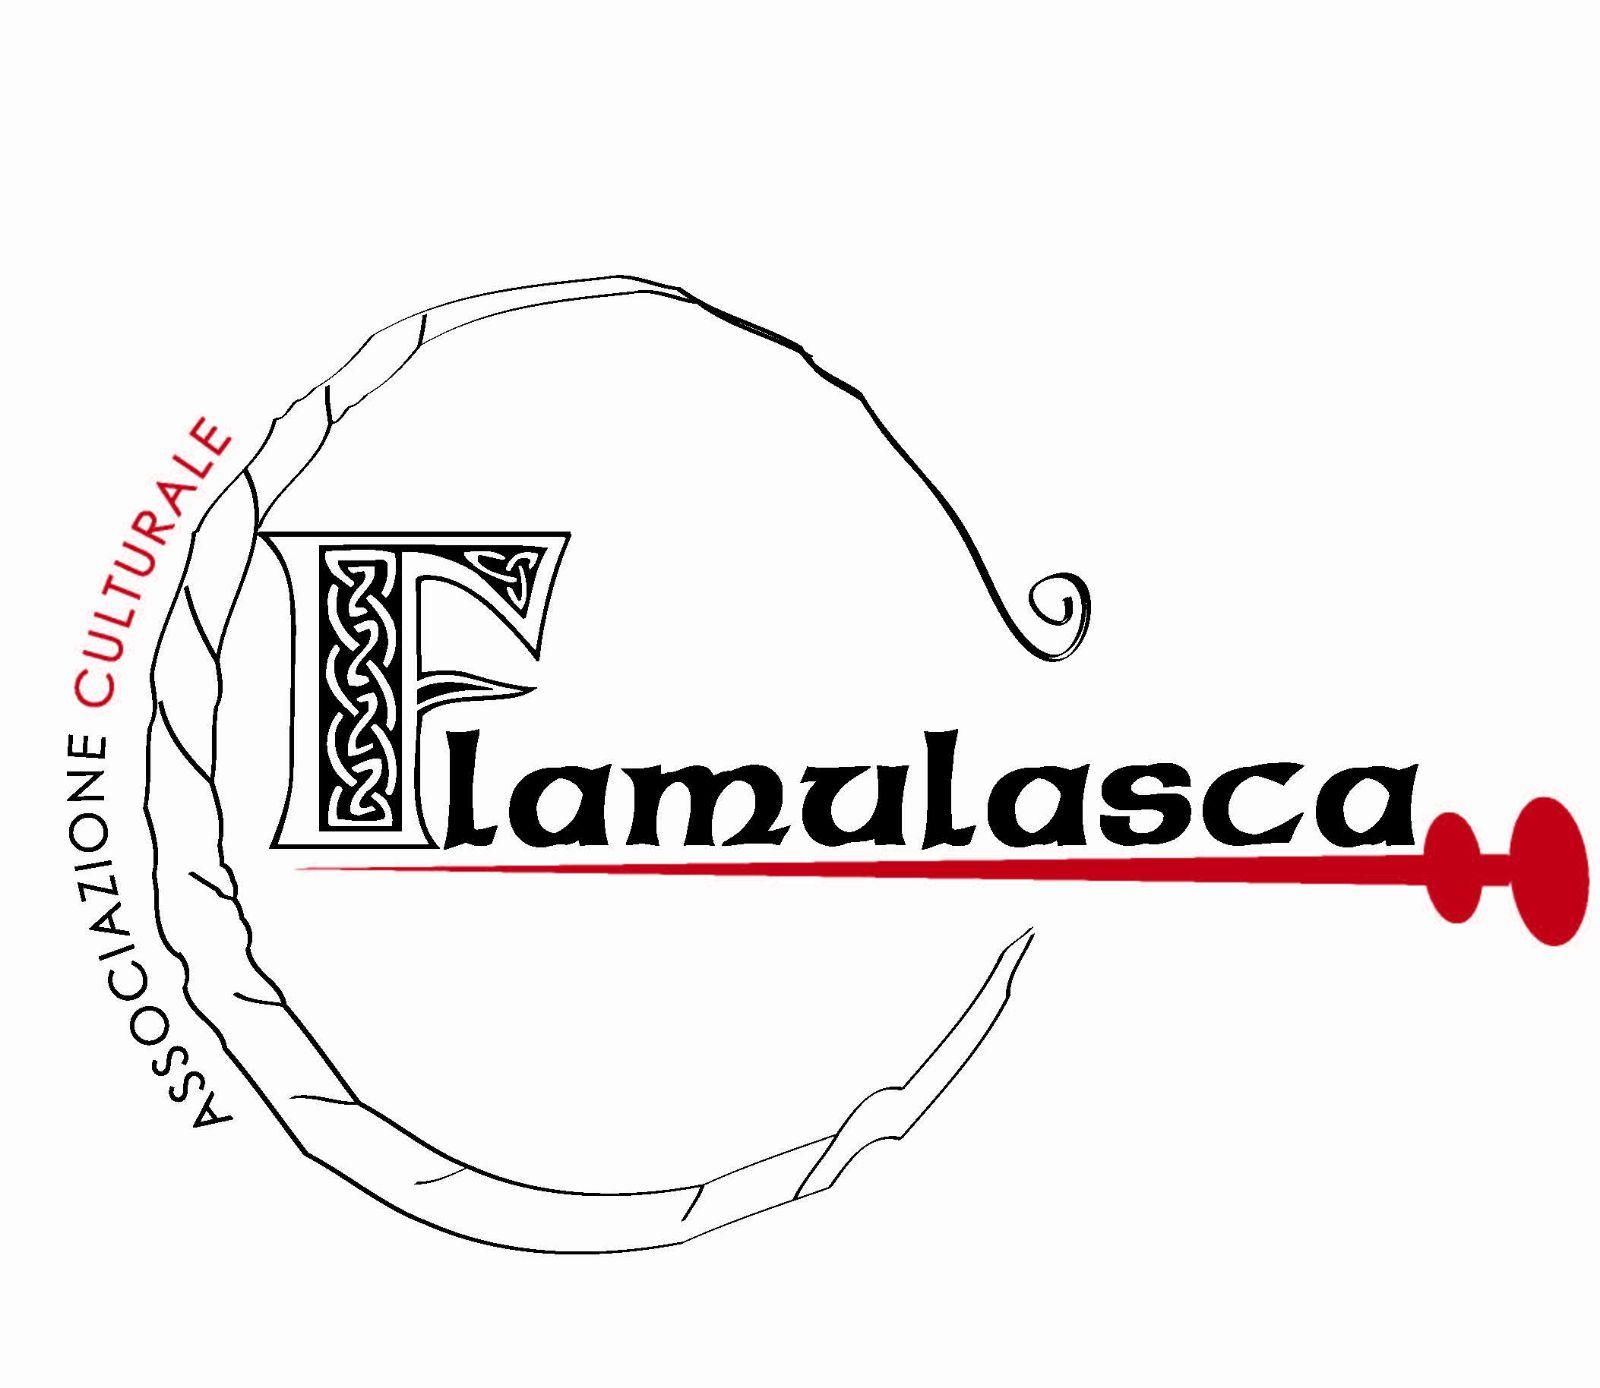 Viaggio nel tempo a Flamulasca